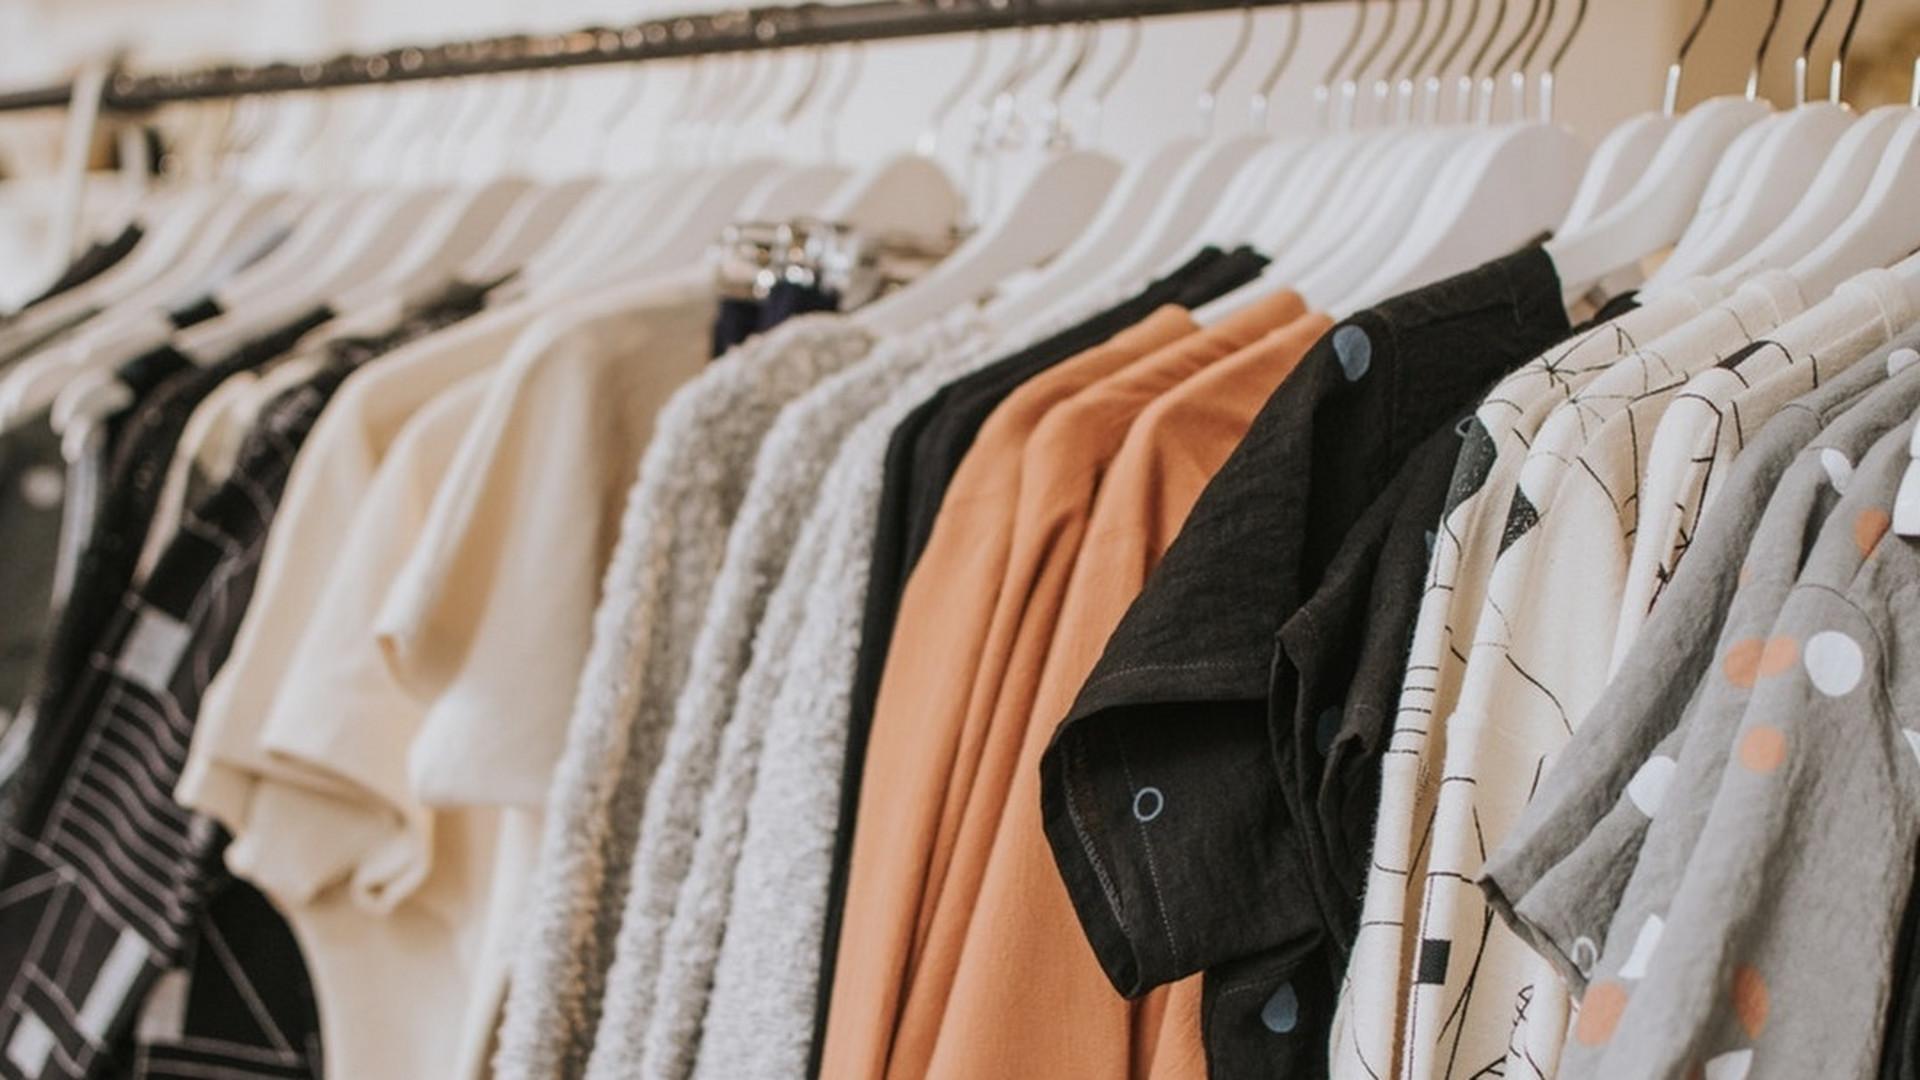 4ea3a71bb2b37a So viele Klamotten kaufen die Deutschen im Jahr! - Noizz